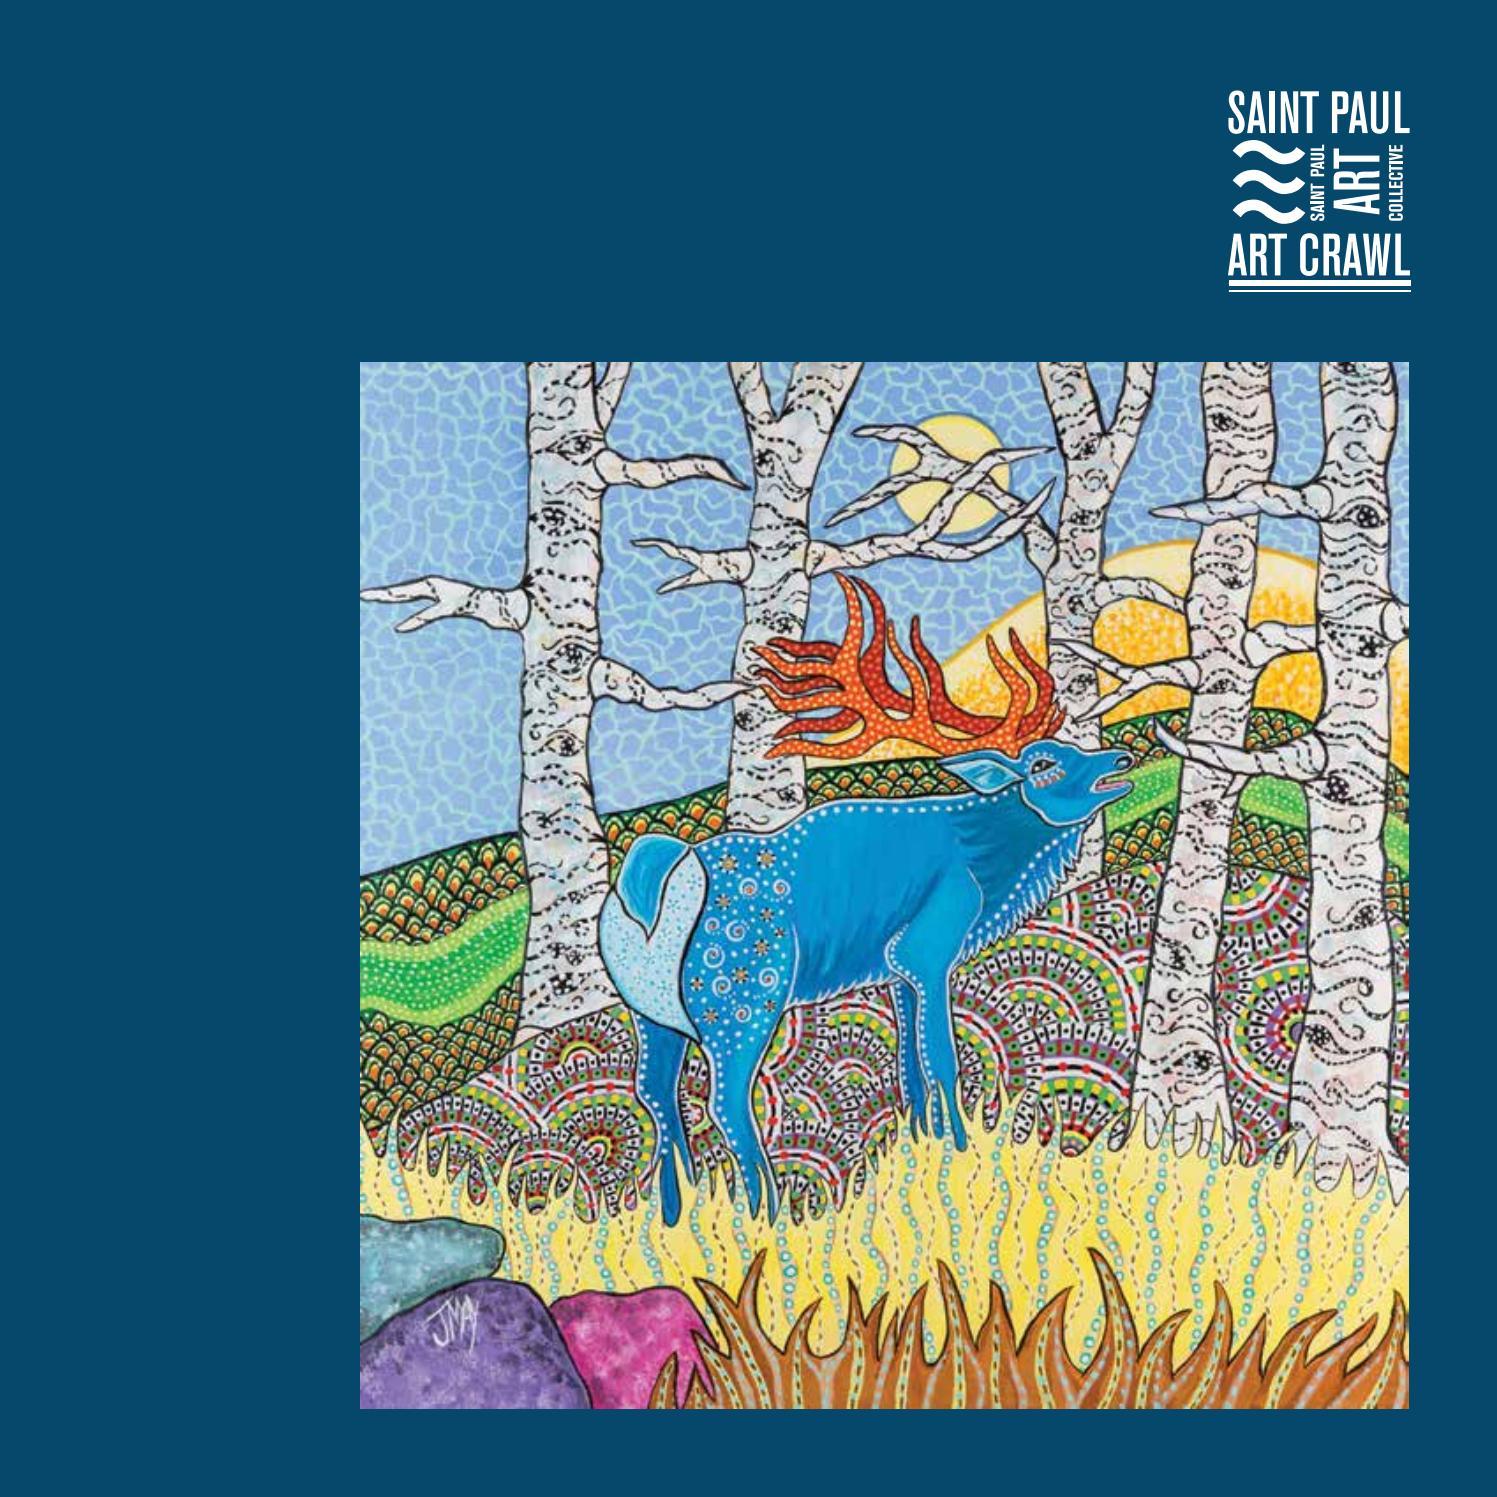 Saint Paul Art Crawl